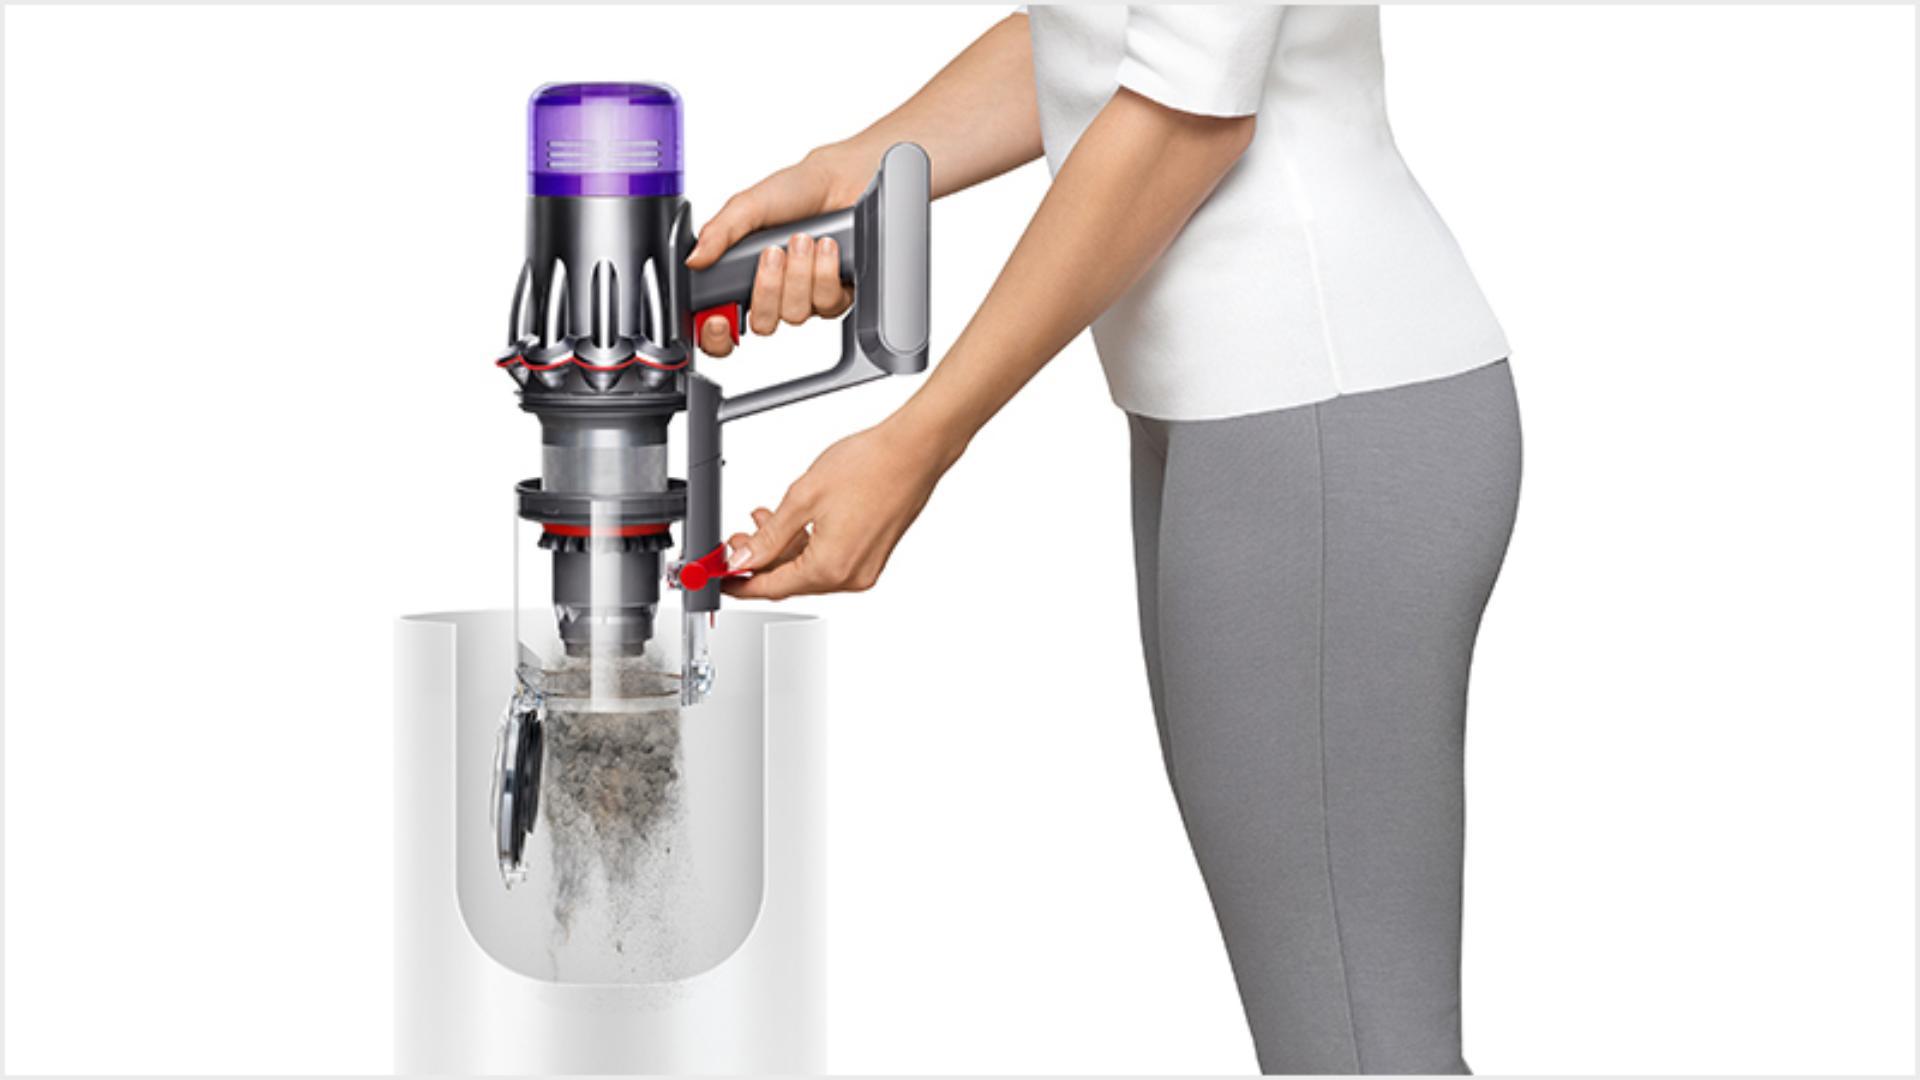 다이슨 디지털 슬림TM 무선 청소기의 먼지를 청소기의 먼지통으로 내보내는 여성